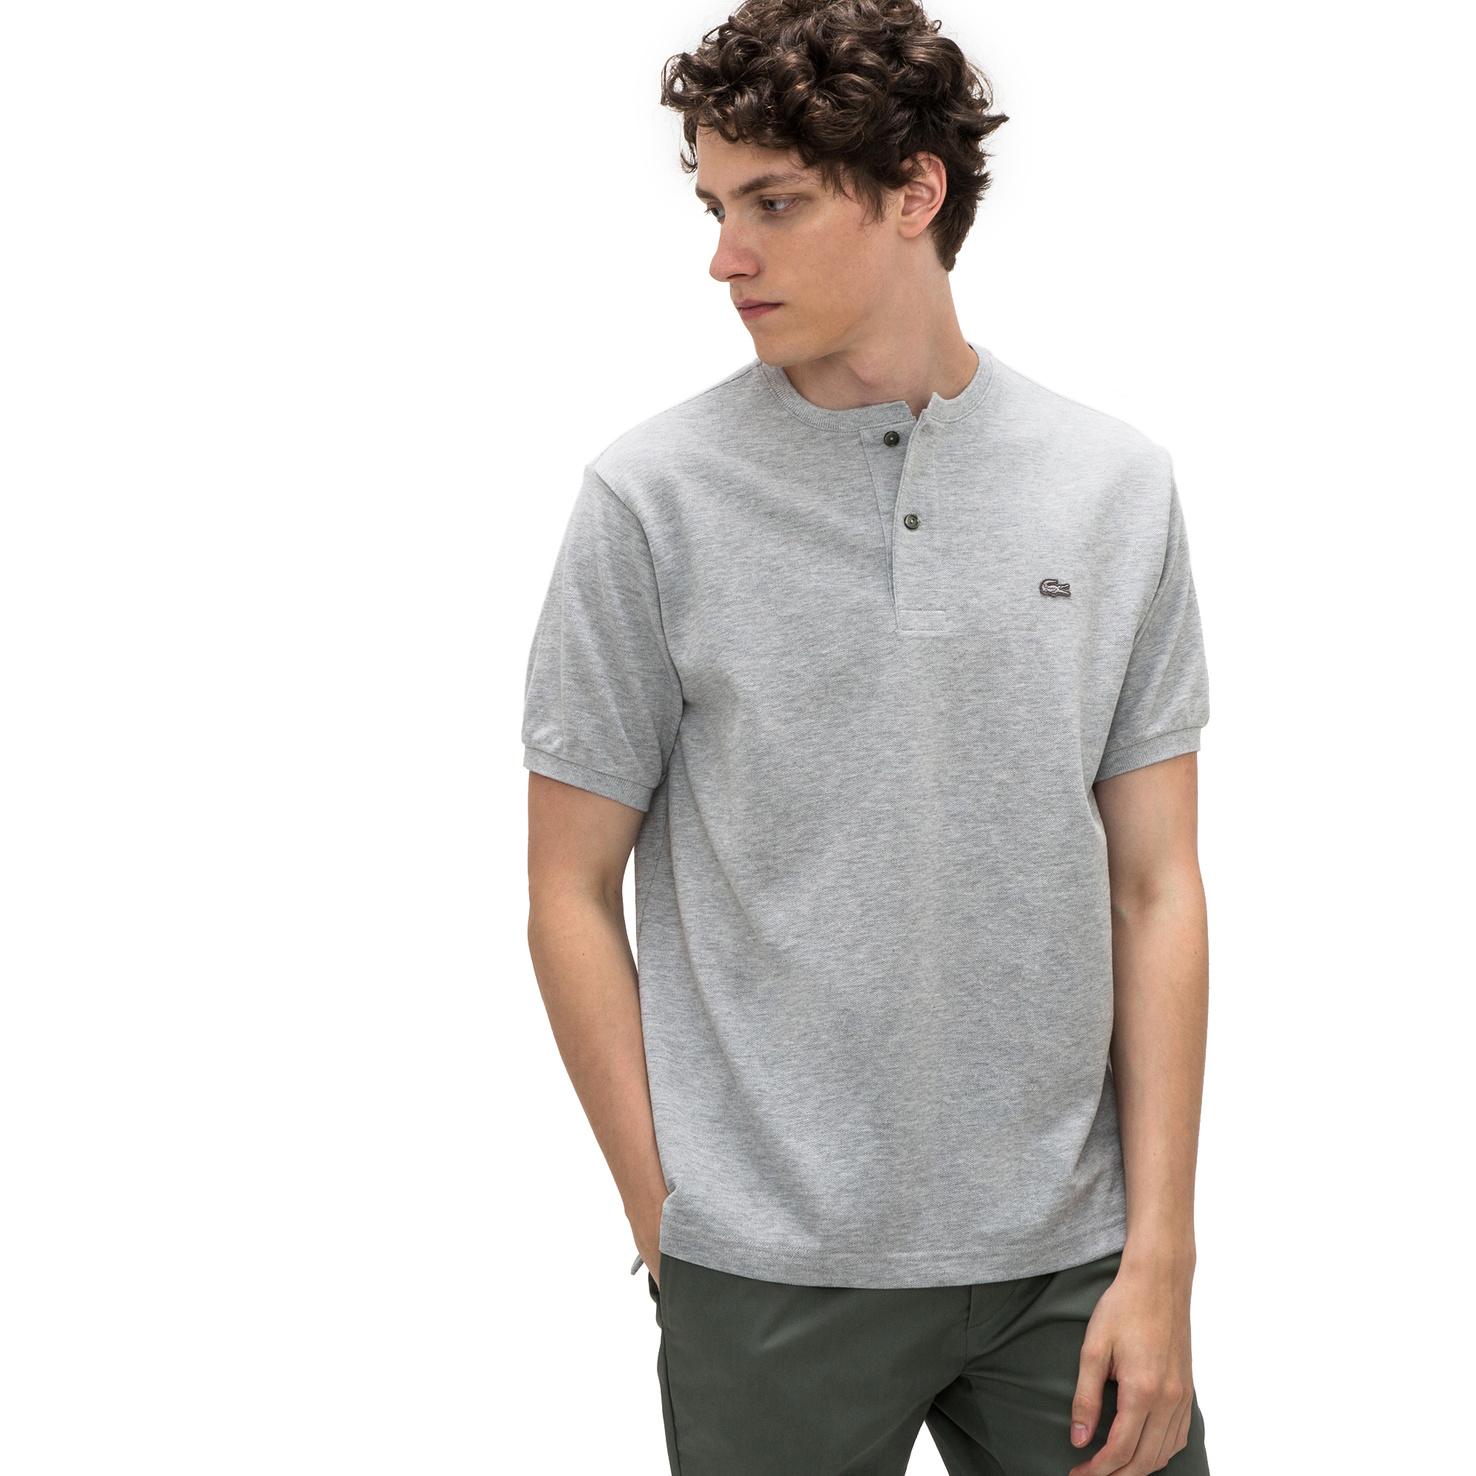 メンズ ラコステ ポロシャツ(半袖) グレー